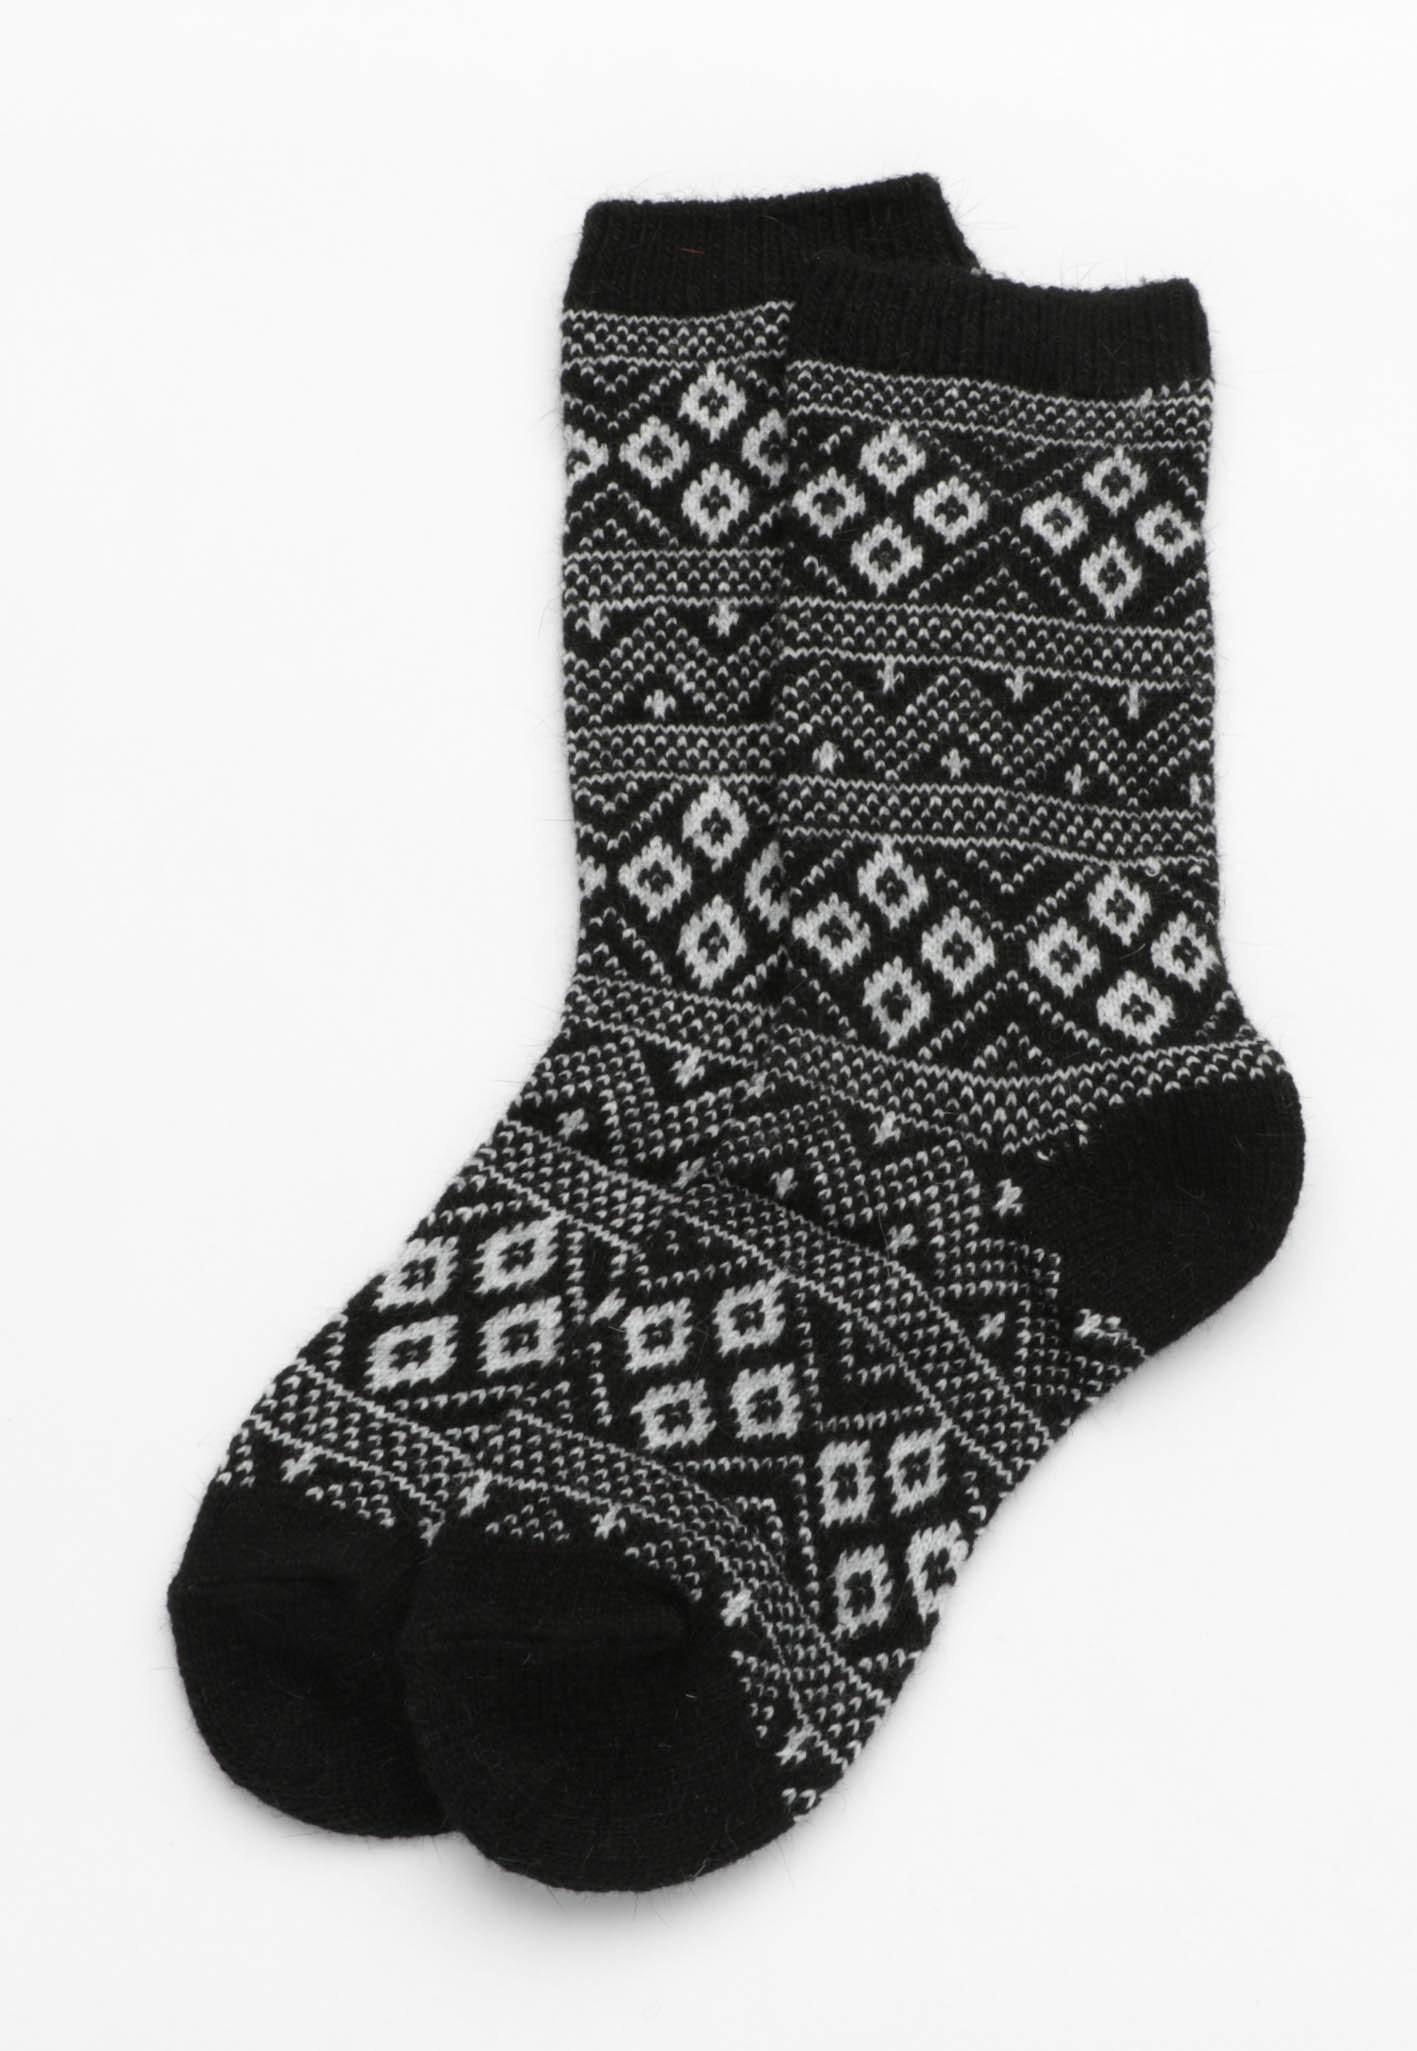 Indie Print Socks - Black